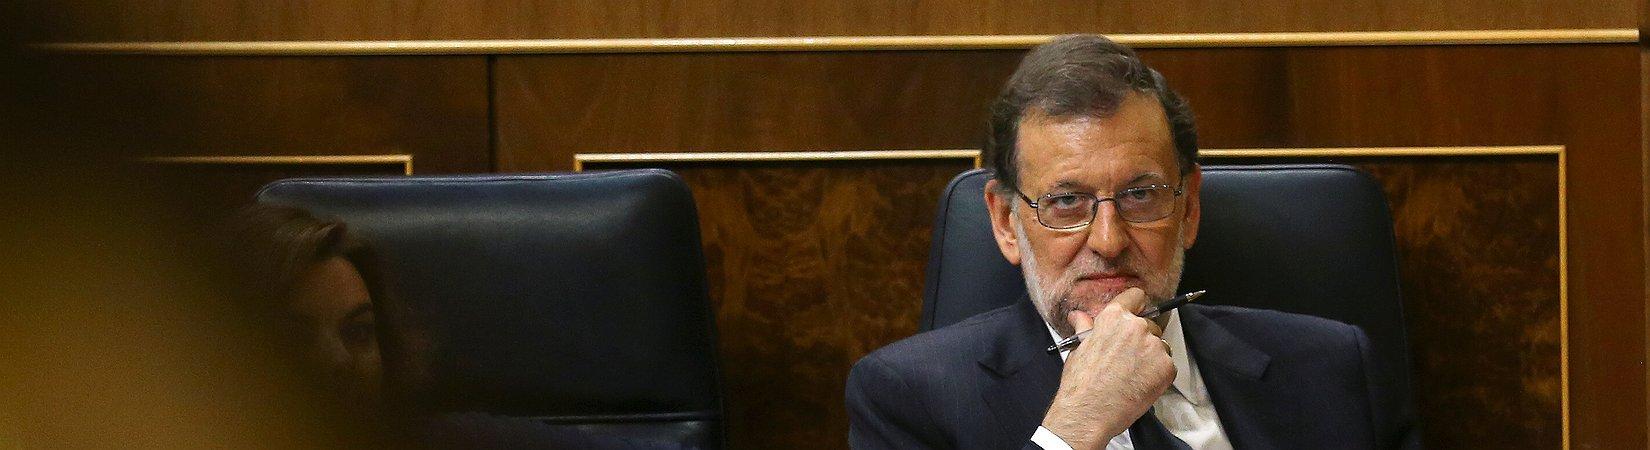 Rajoy no consigue la investidura en su primer intento